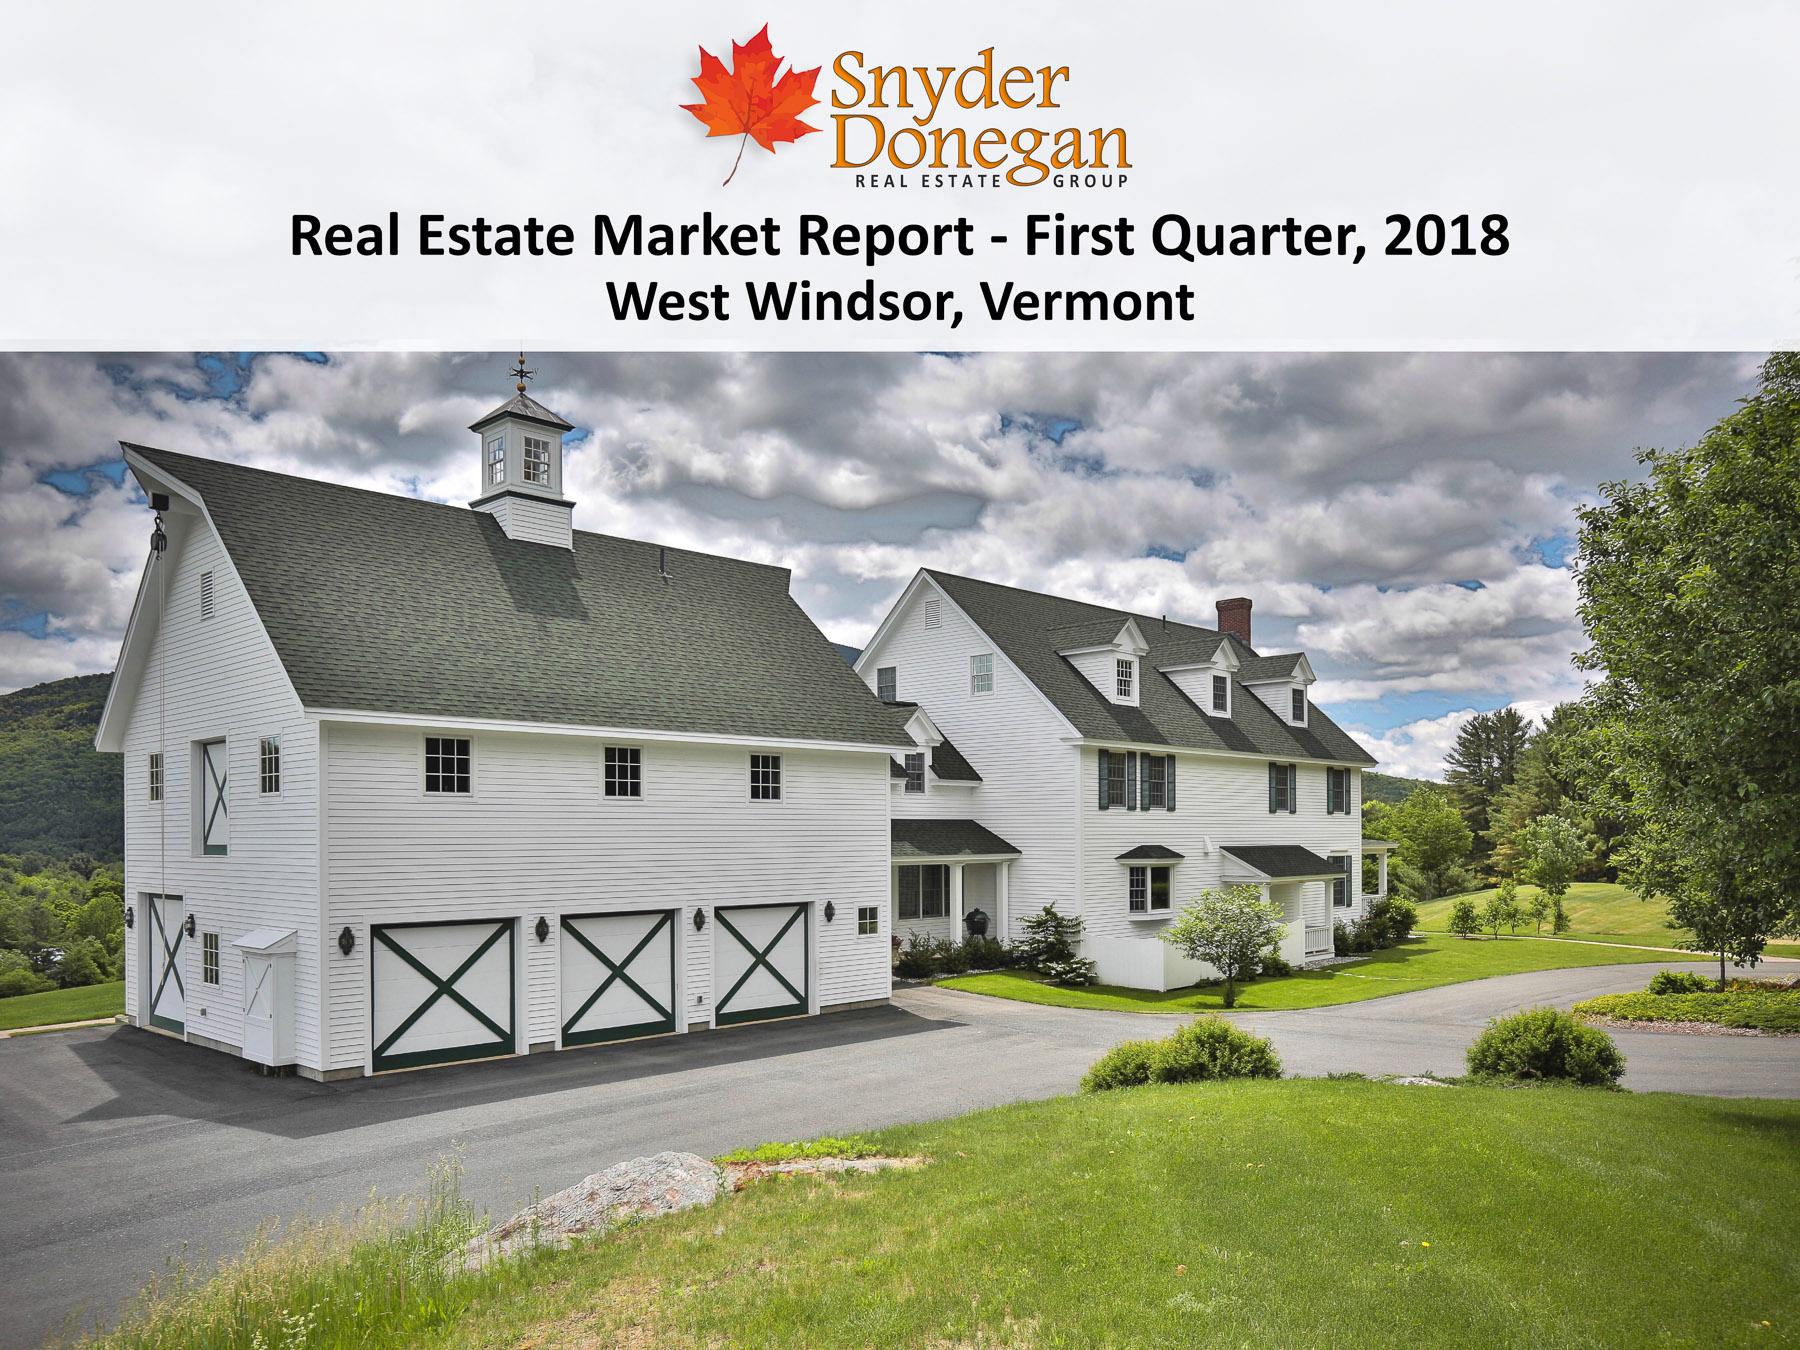 West Windsor VT Real Estate - 1Q 2018 Cover Art